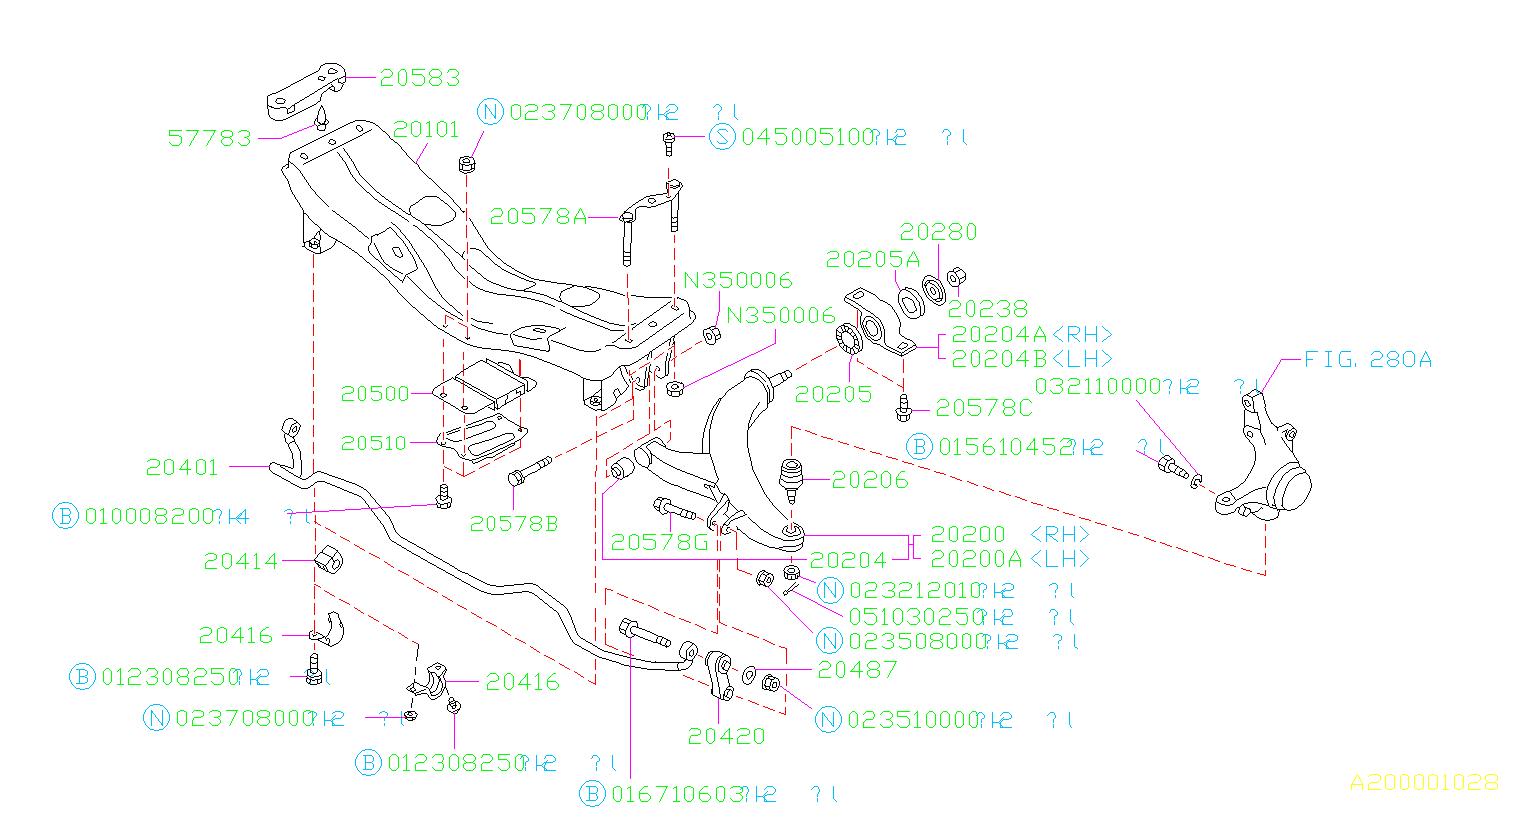 Byers Airport Subaru >> 20201AA000 - Subaru Bushing-transverse link, inner. Suspension, front, brakes | Byers Airport ...